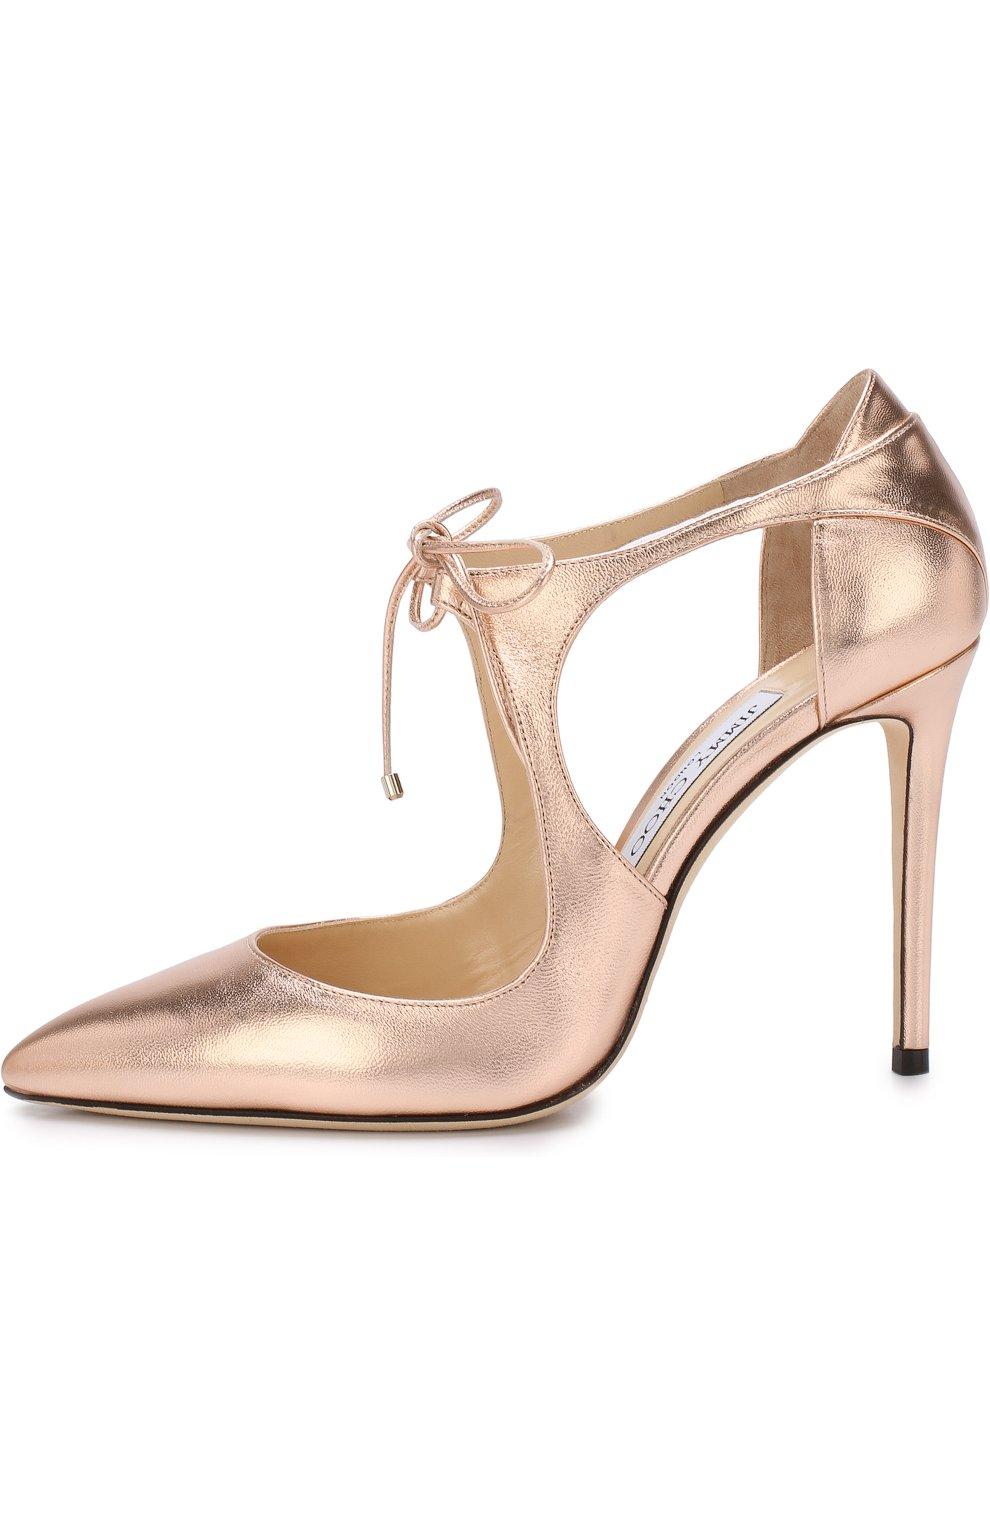 Туфли Vanessa 100 из металлизированной кожи на шпильке | Фото №3